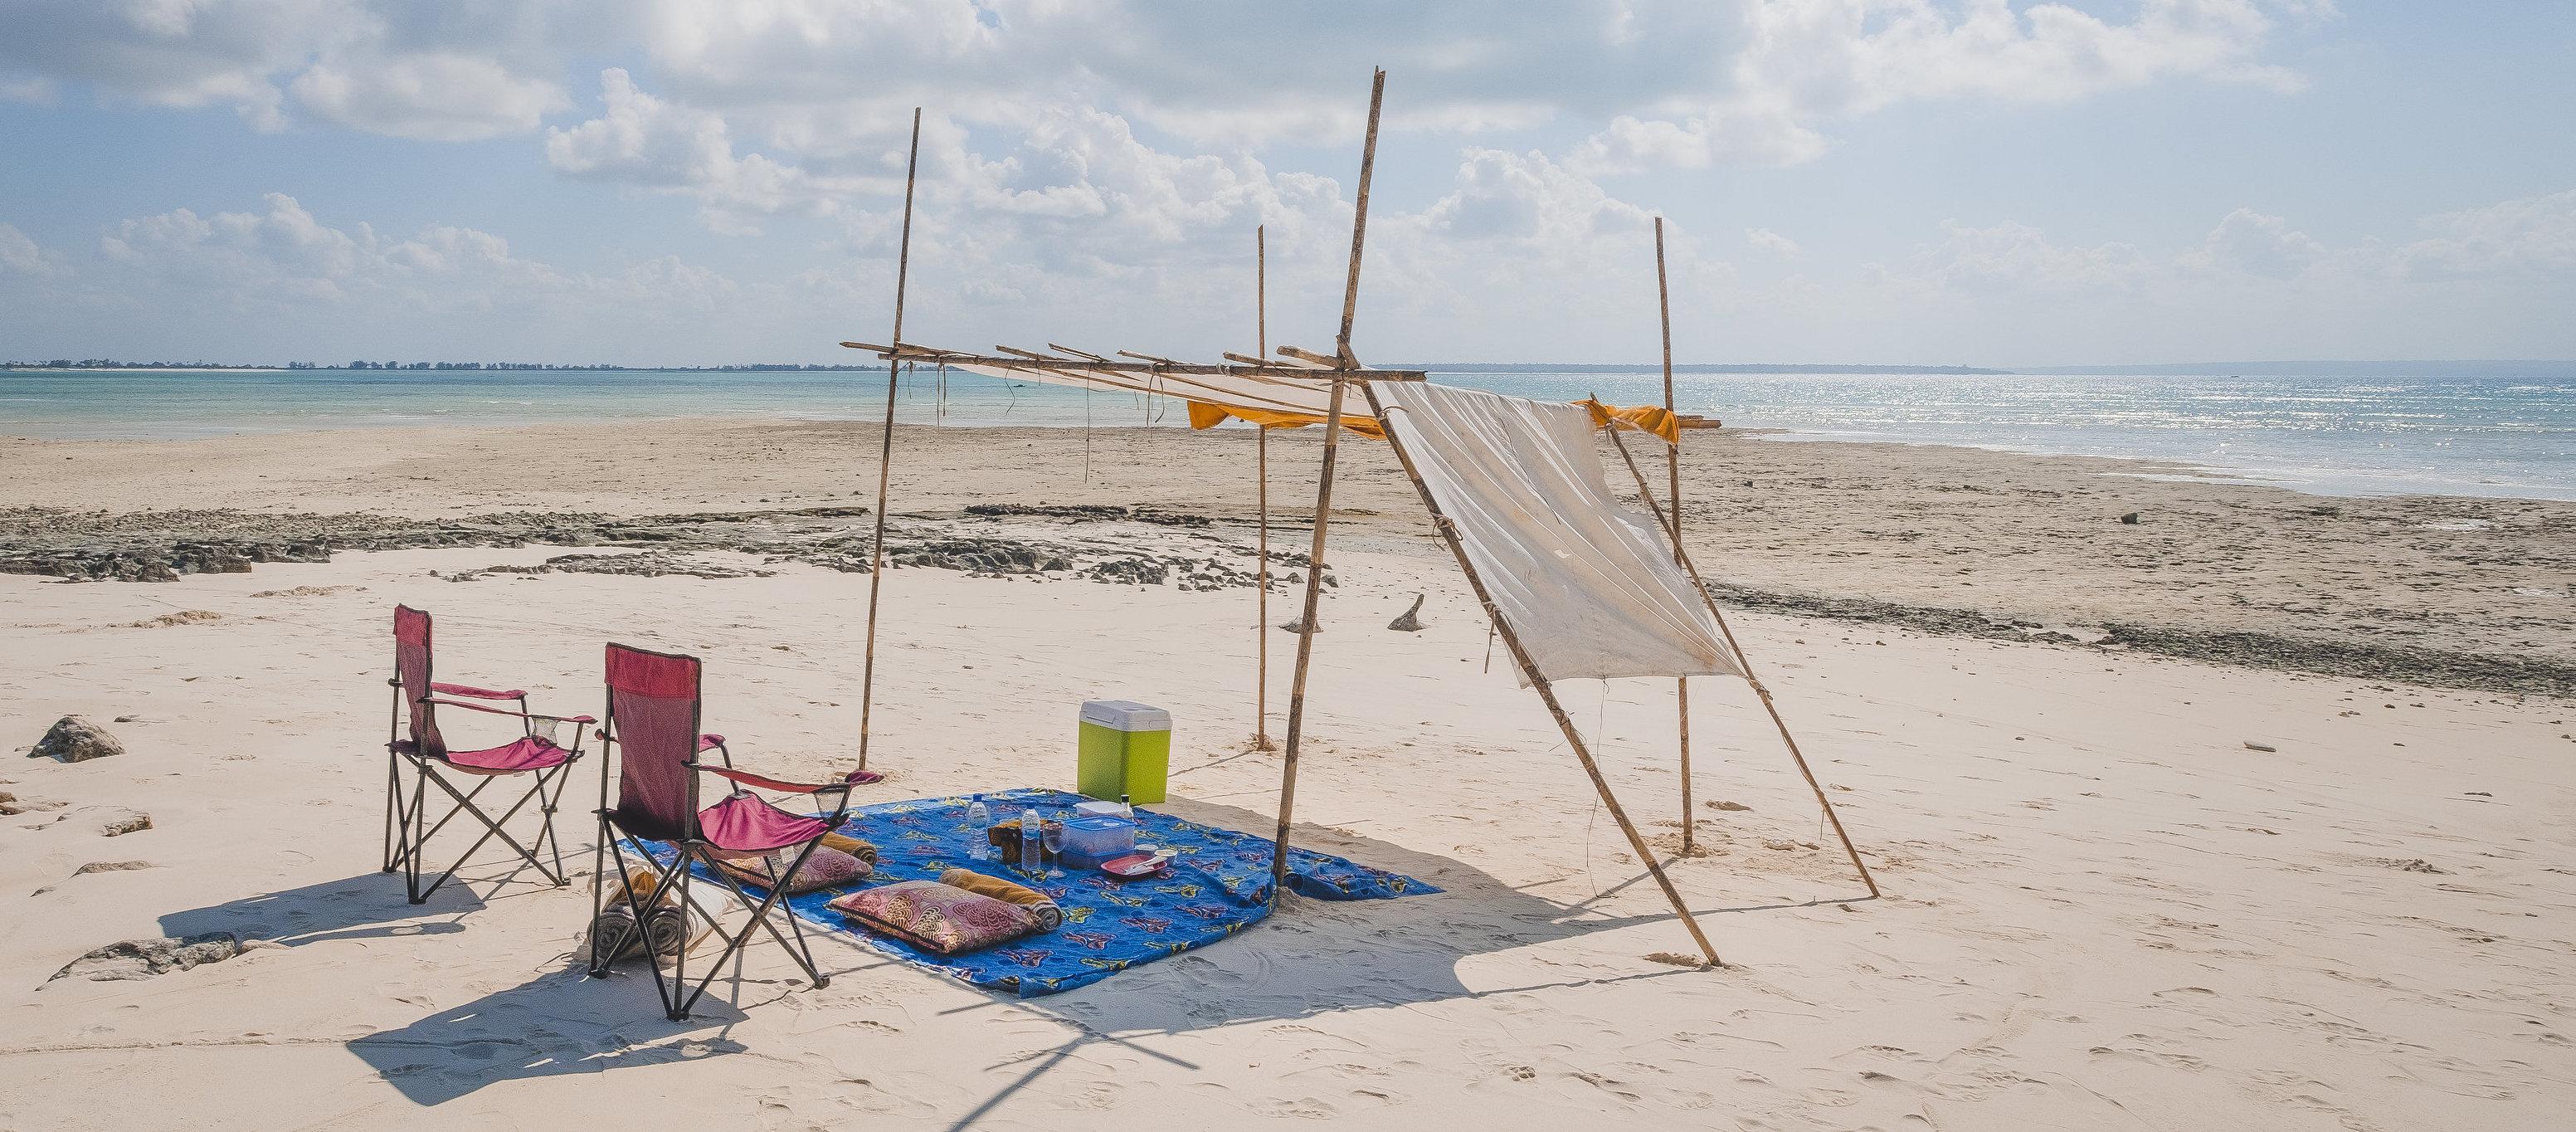 Corallodge_private_beach_picnic